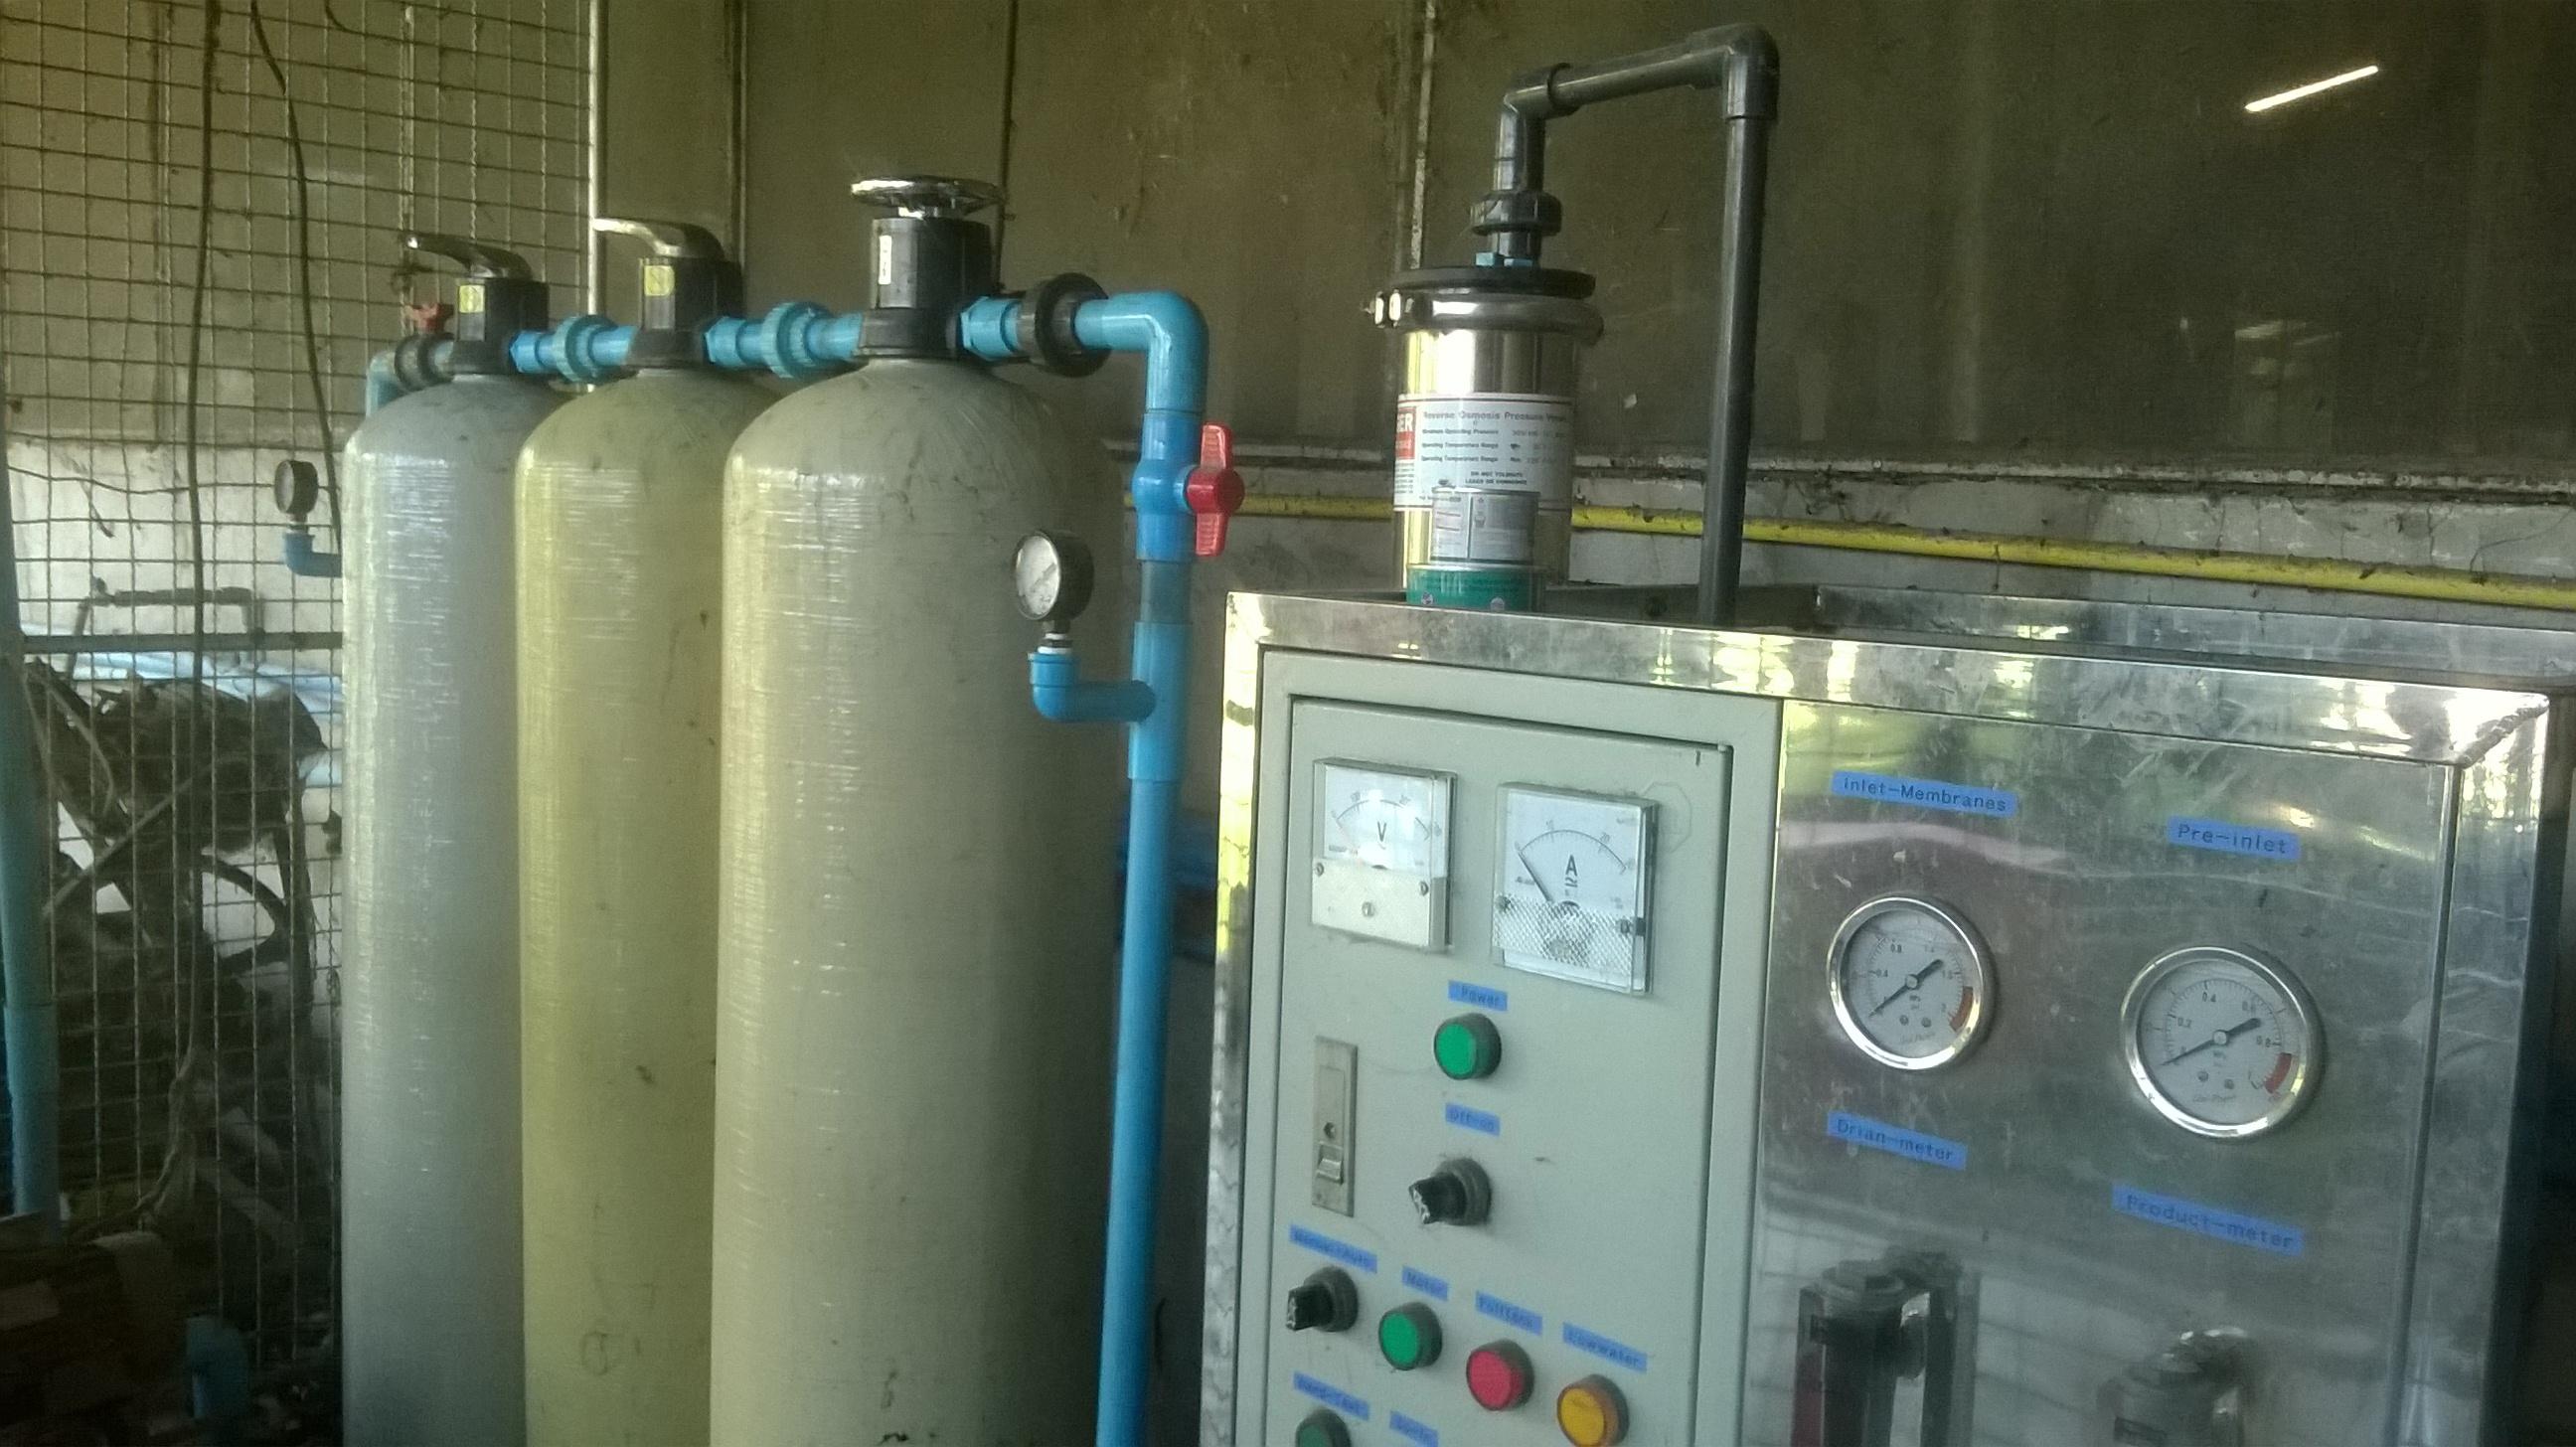 ติดตั้งระบบกรองน้ำอุตสาหกรรม เครื่องกรองน้ํา ro 6000 ลิตรต่อวัน